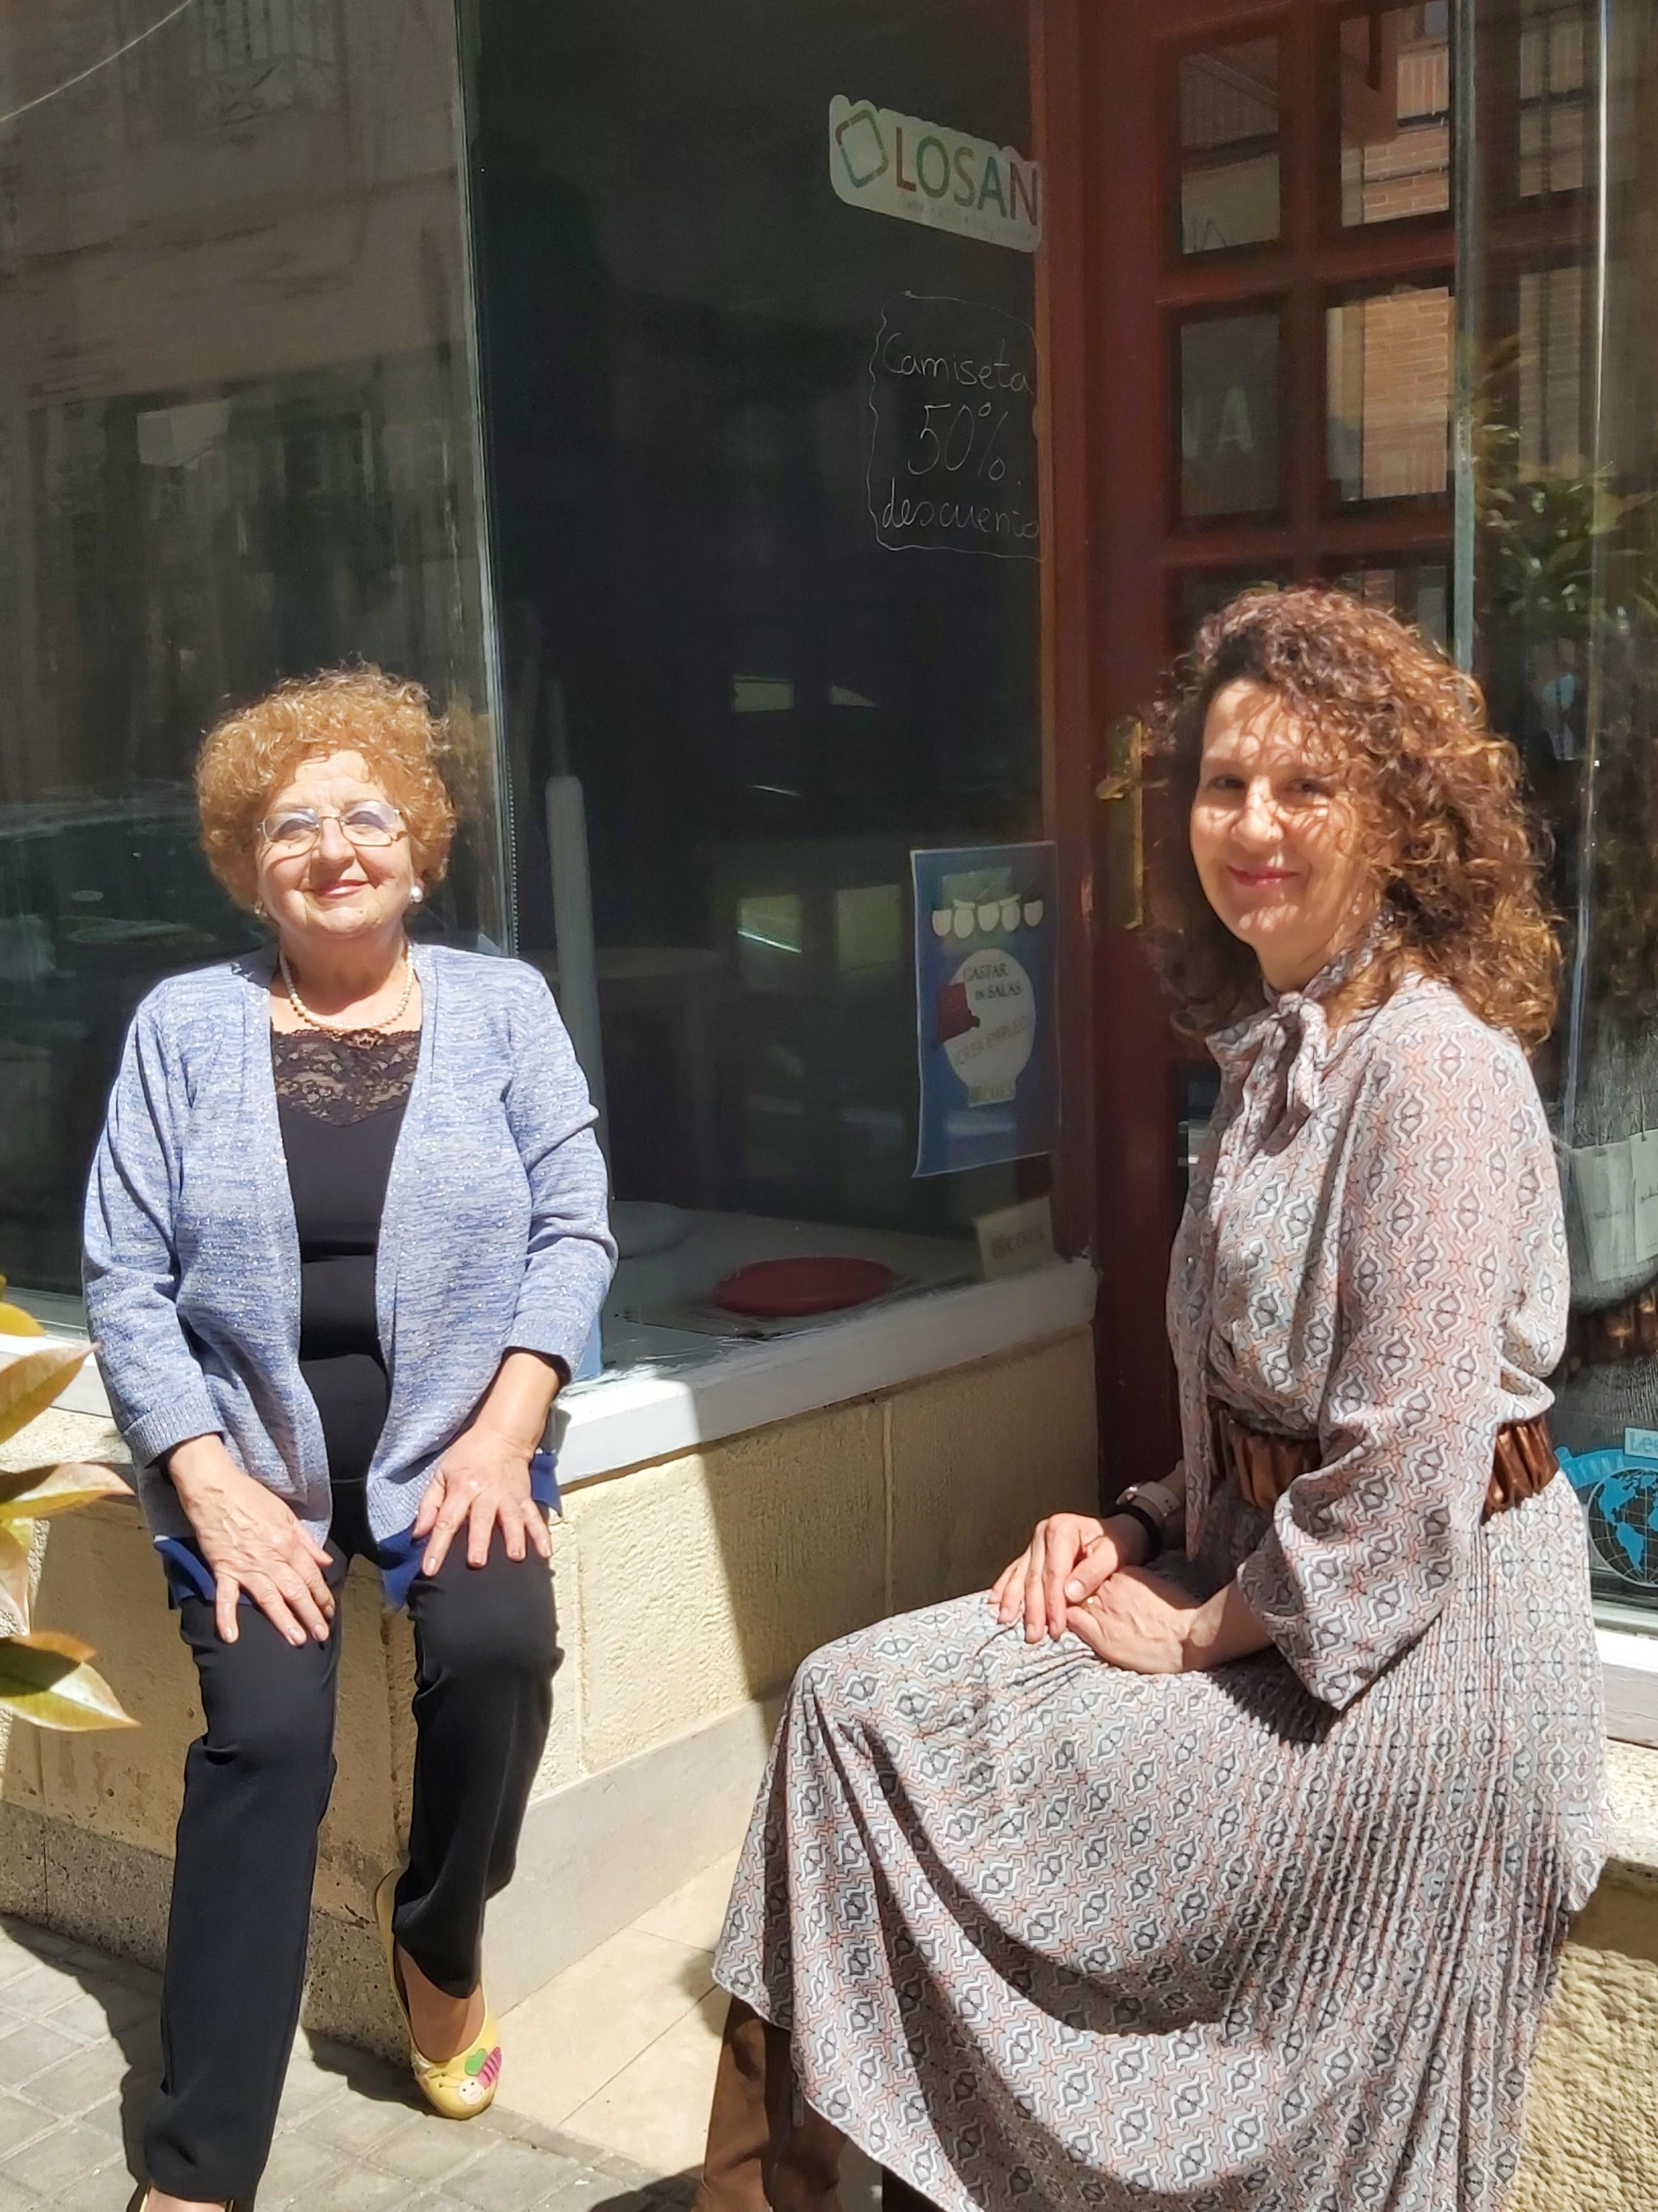 Maribel y Mabela en su tienda de ropa de Salas de los Infantes, en Burgos.